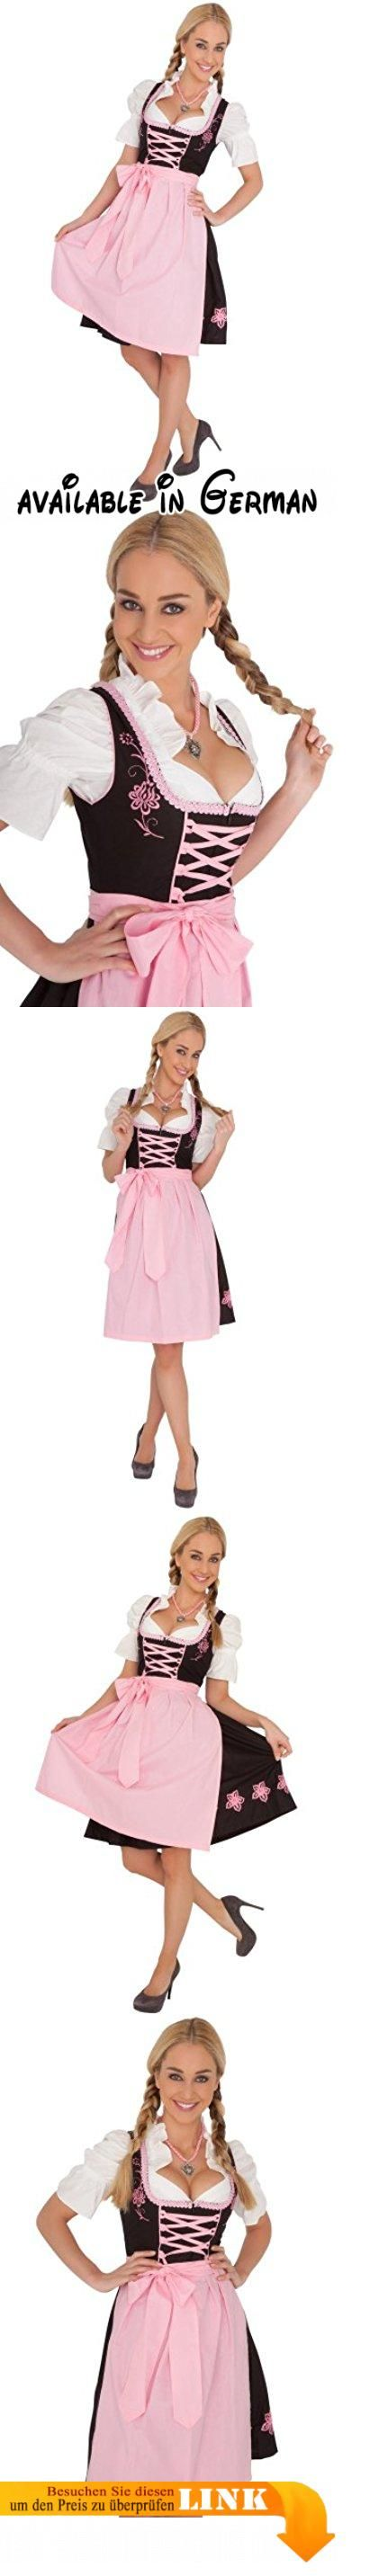 Schwarzes aus Midi Dirndl, Bluse und Schürze Größe 44. / Länge: 100cm. / Bluse: Weiß / Oberteil: Schwarz / Schürze: Rosa / Rock: Schwarz. / Bluse: 100% Baumwolle / Oberteil: 100% Baumwolle / Schürze: 100% Baumwolle / Rock: 100% Baumwolle #Apparel #ADULT_COSTUME